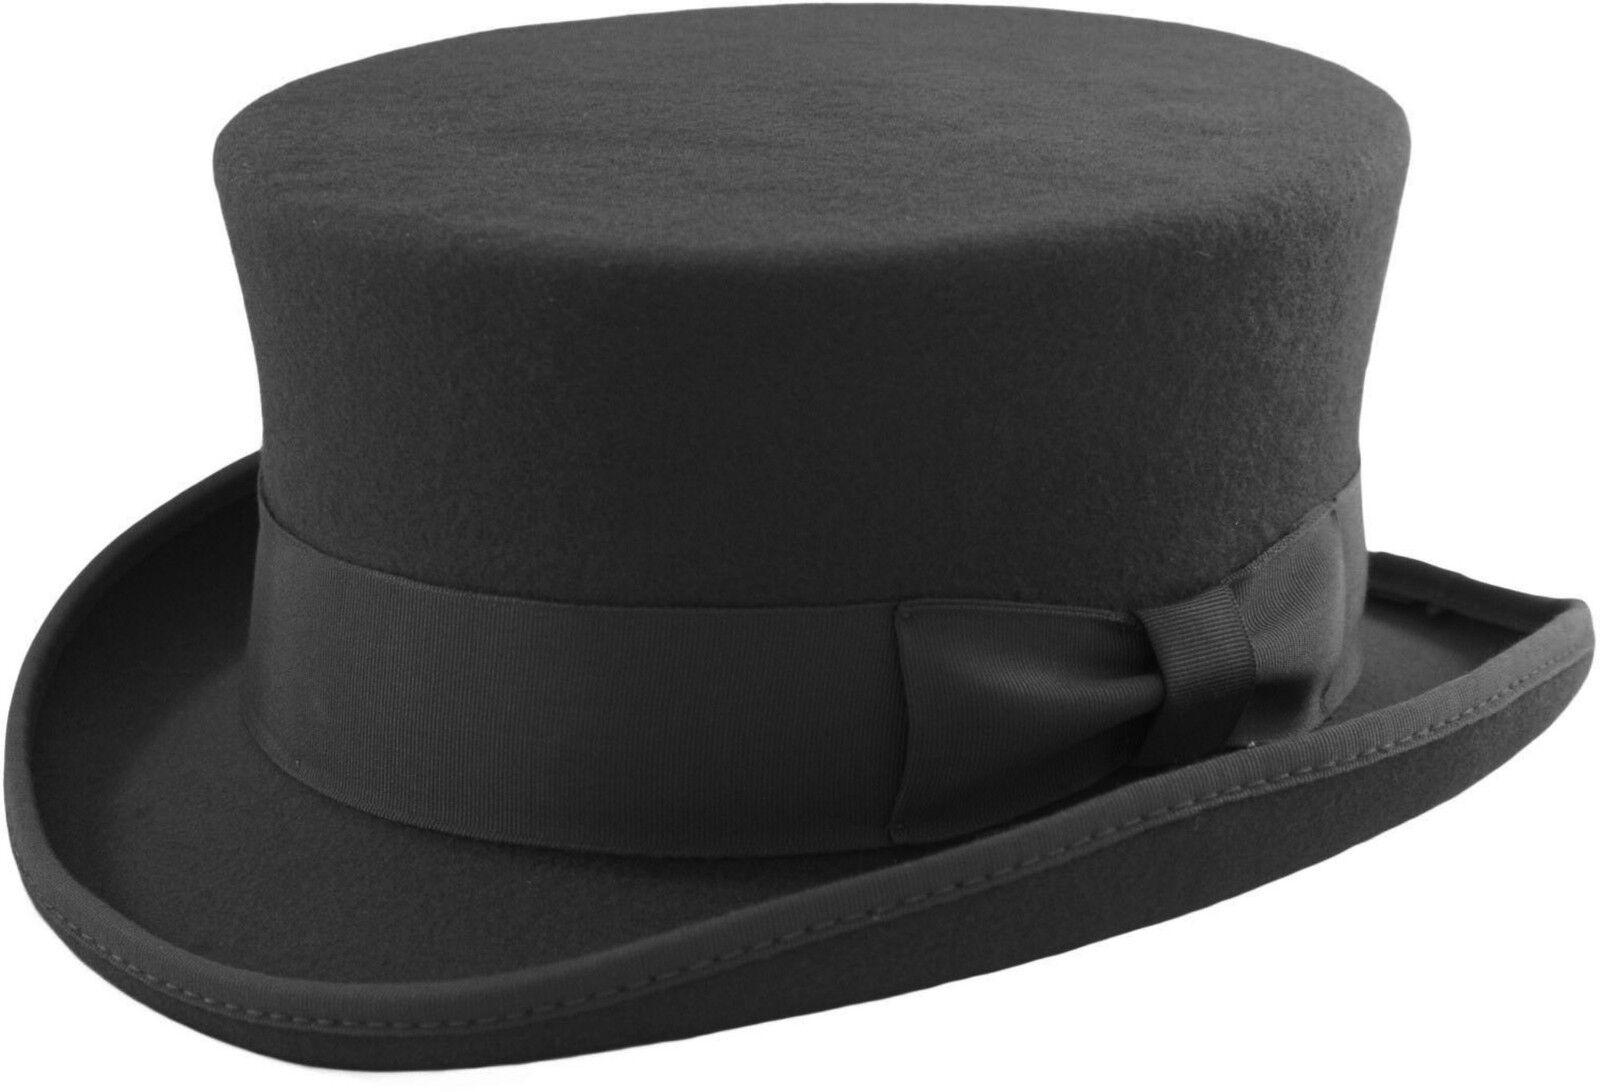 Details about Unisex Black Deadman 100% Wool Dressage Topper Riding  Equestrian Top Hat e61c6fd4ad4